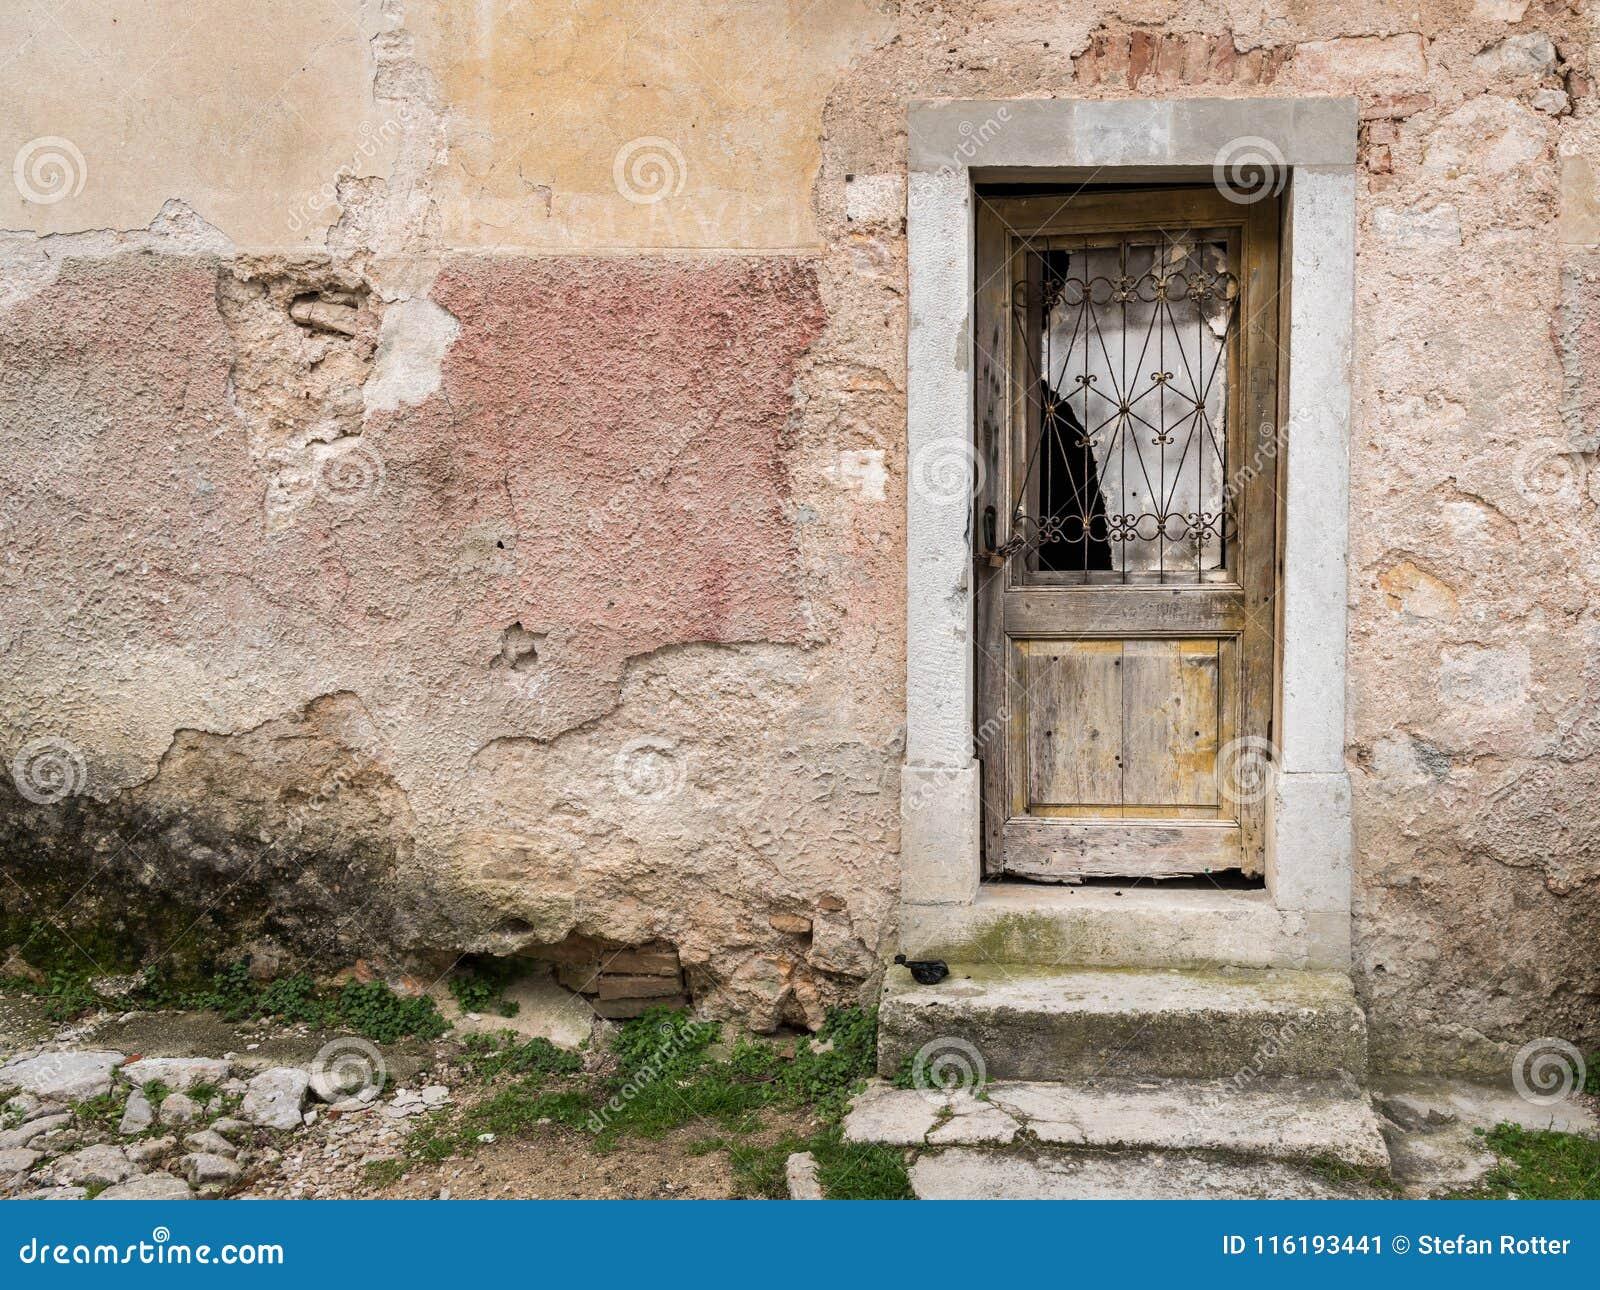 Very old weathered door made of wood, broken glass